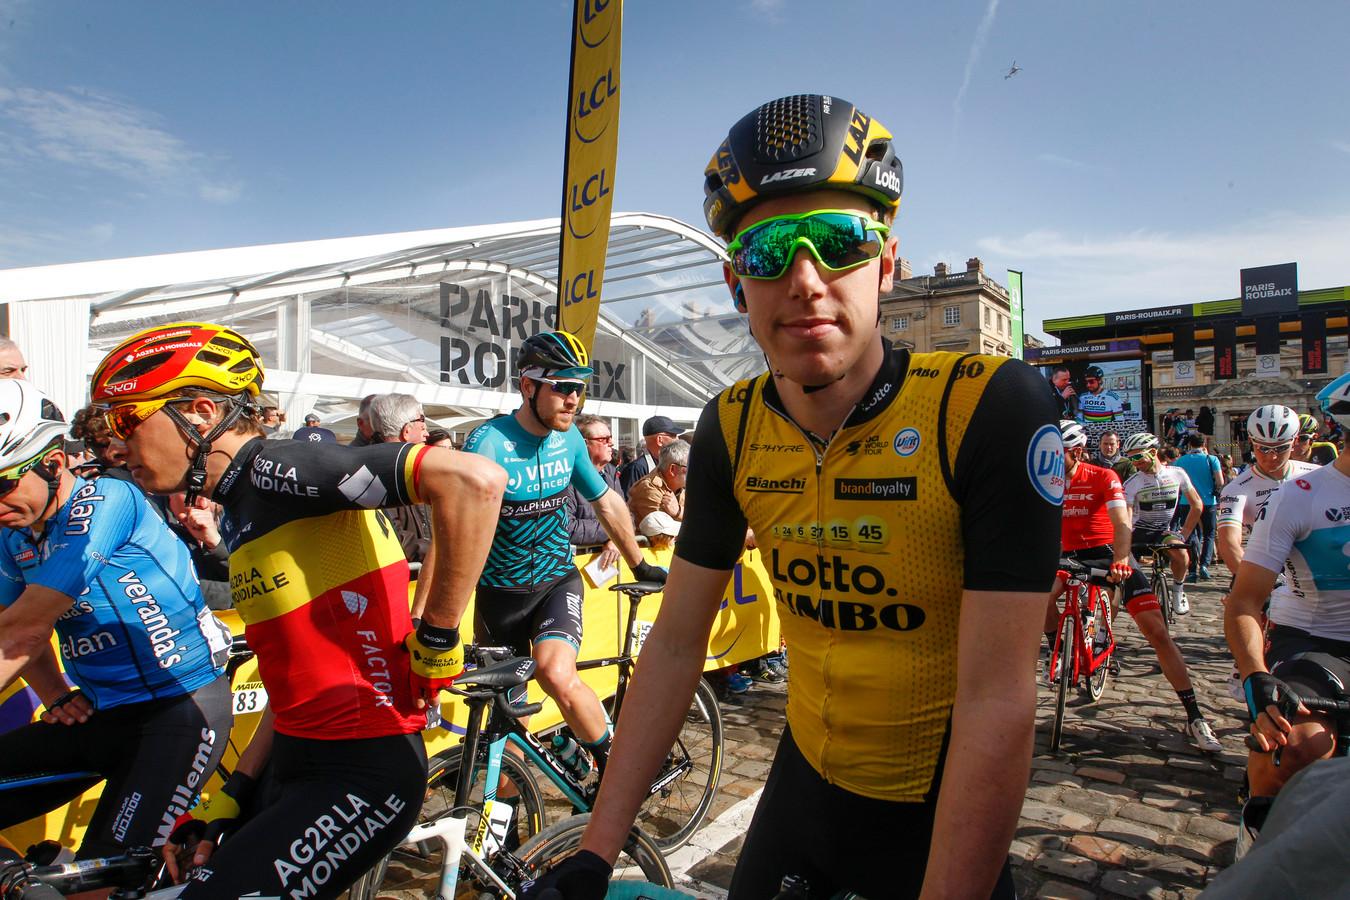 Pascal Eenkhoorn doet met de besten mee tijdens de Tour of Britain.